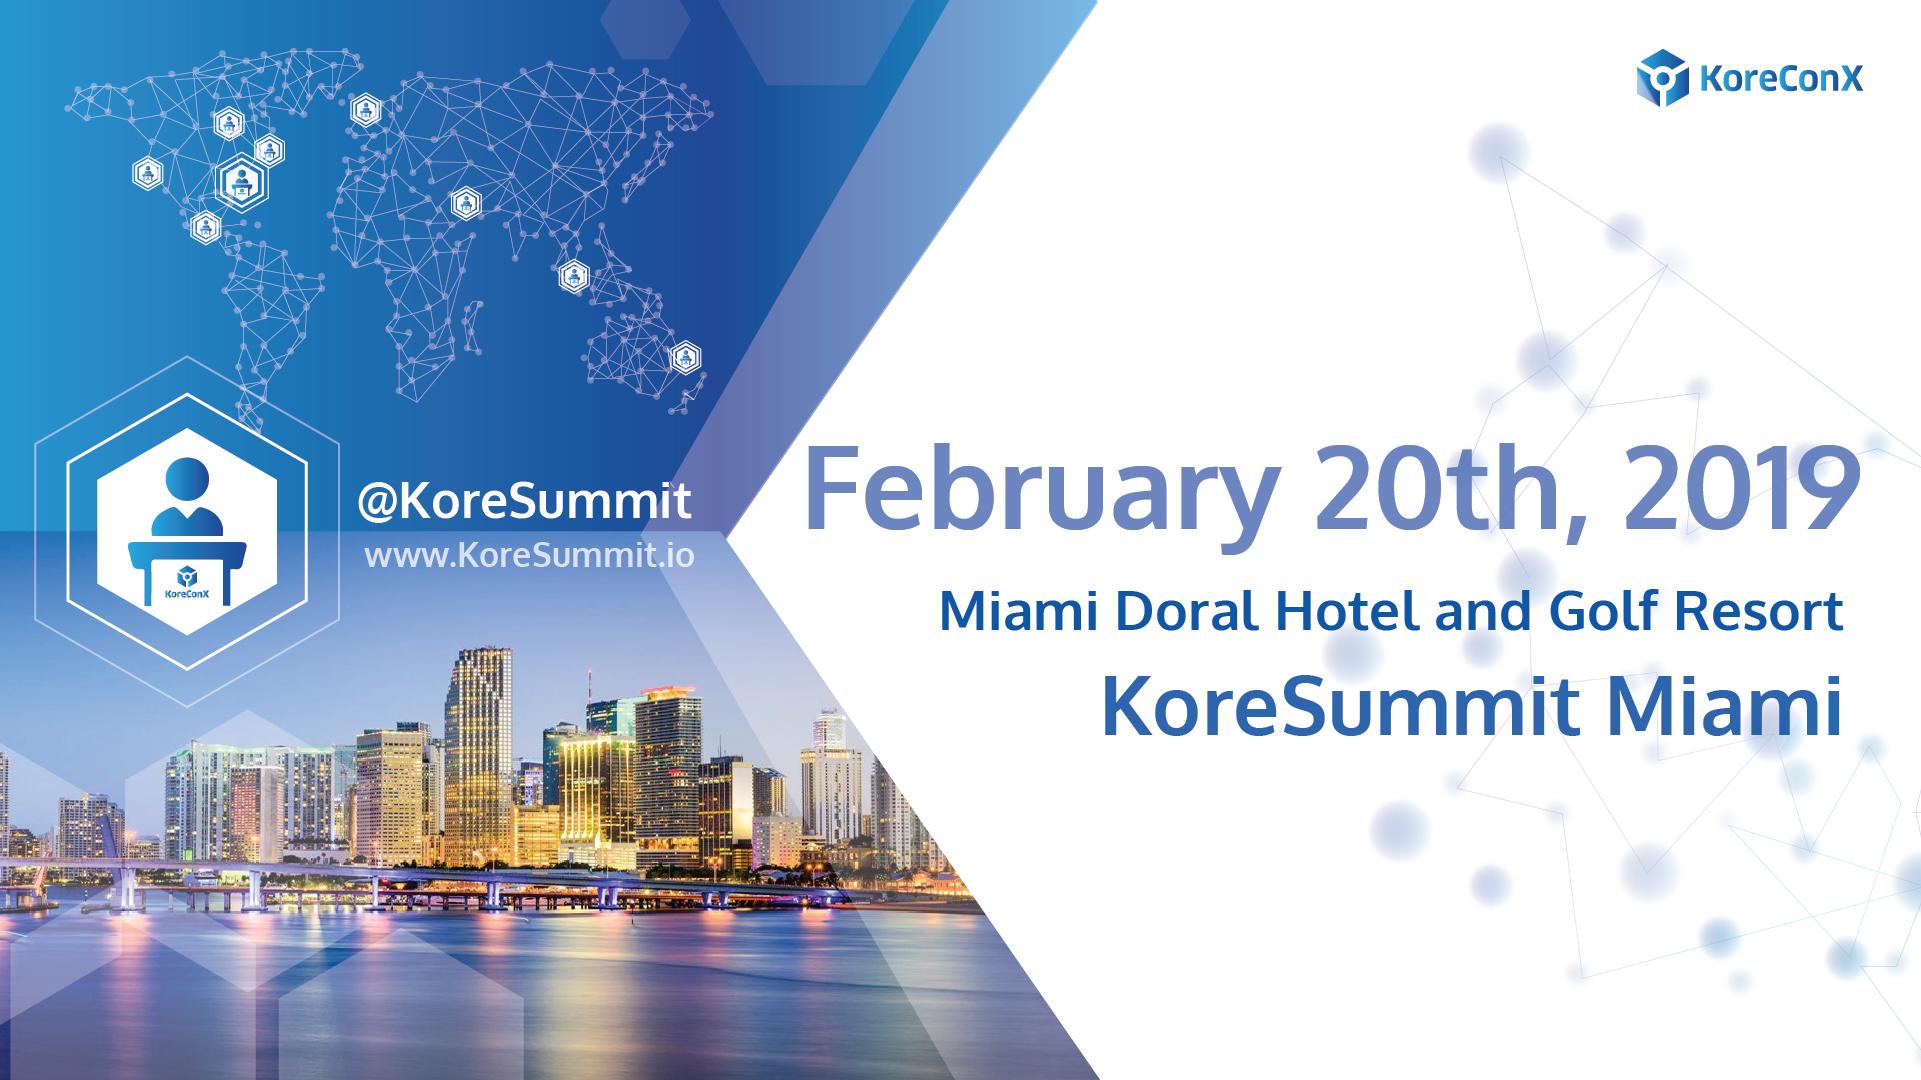 KoreConX KoreSummit Miami